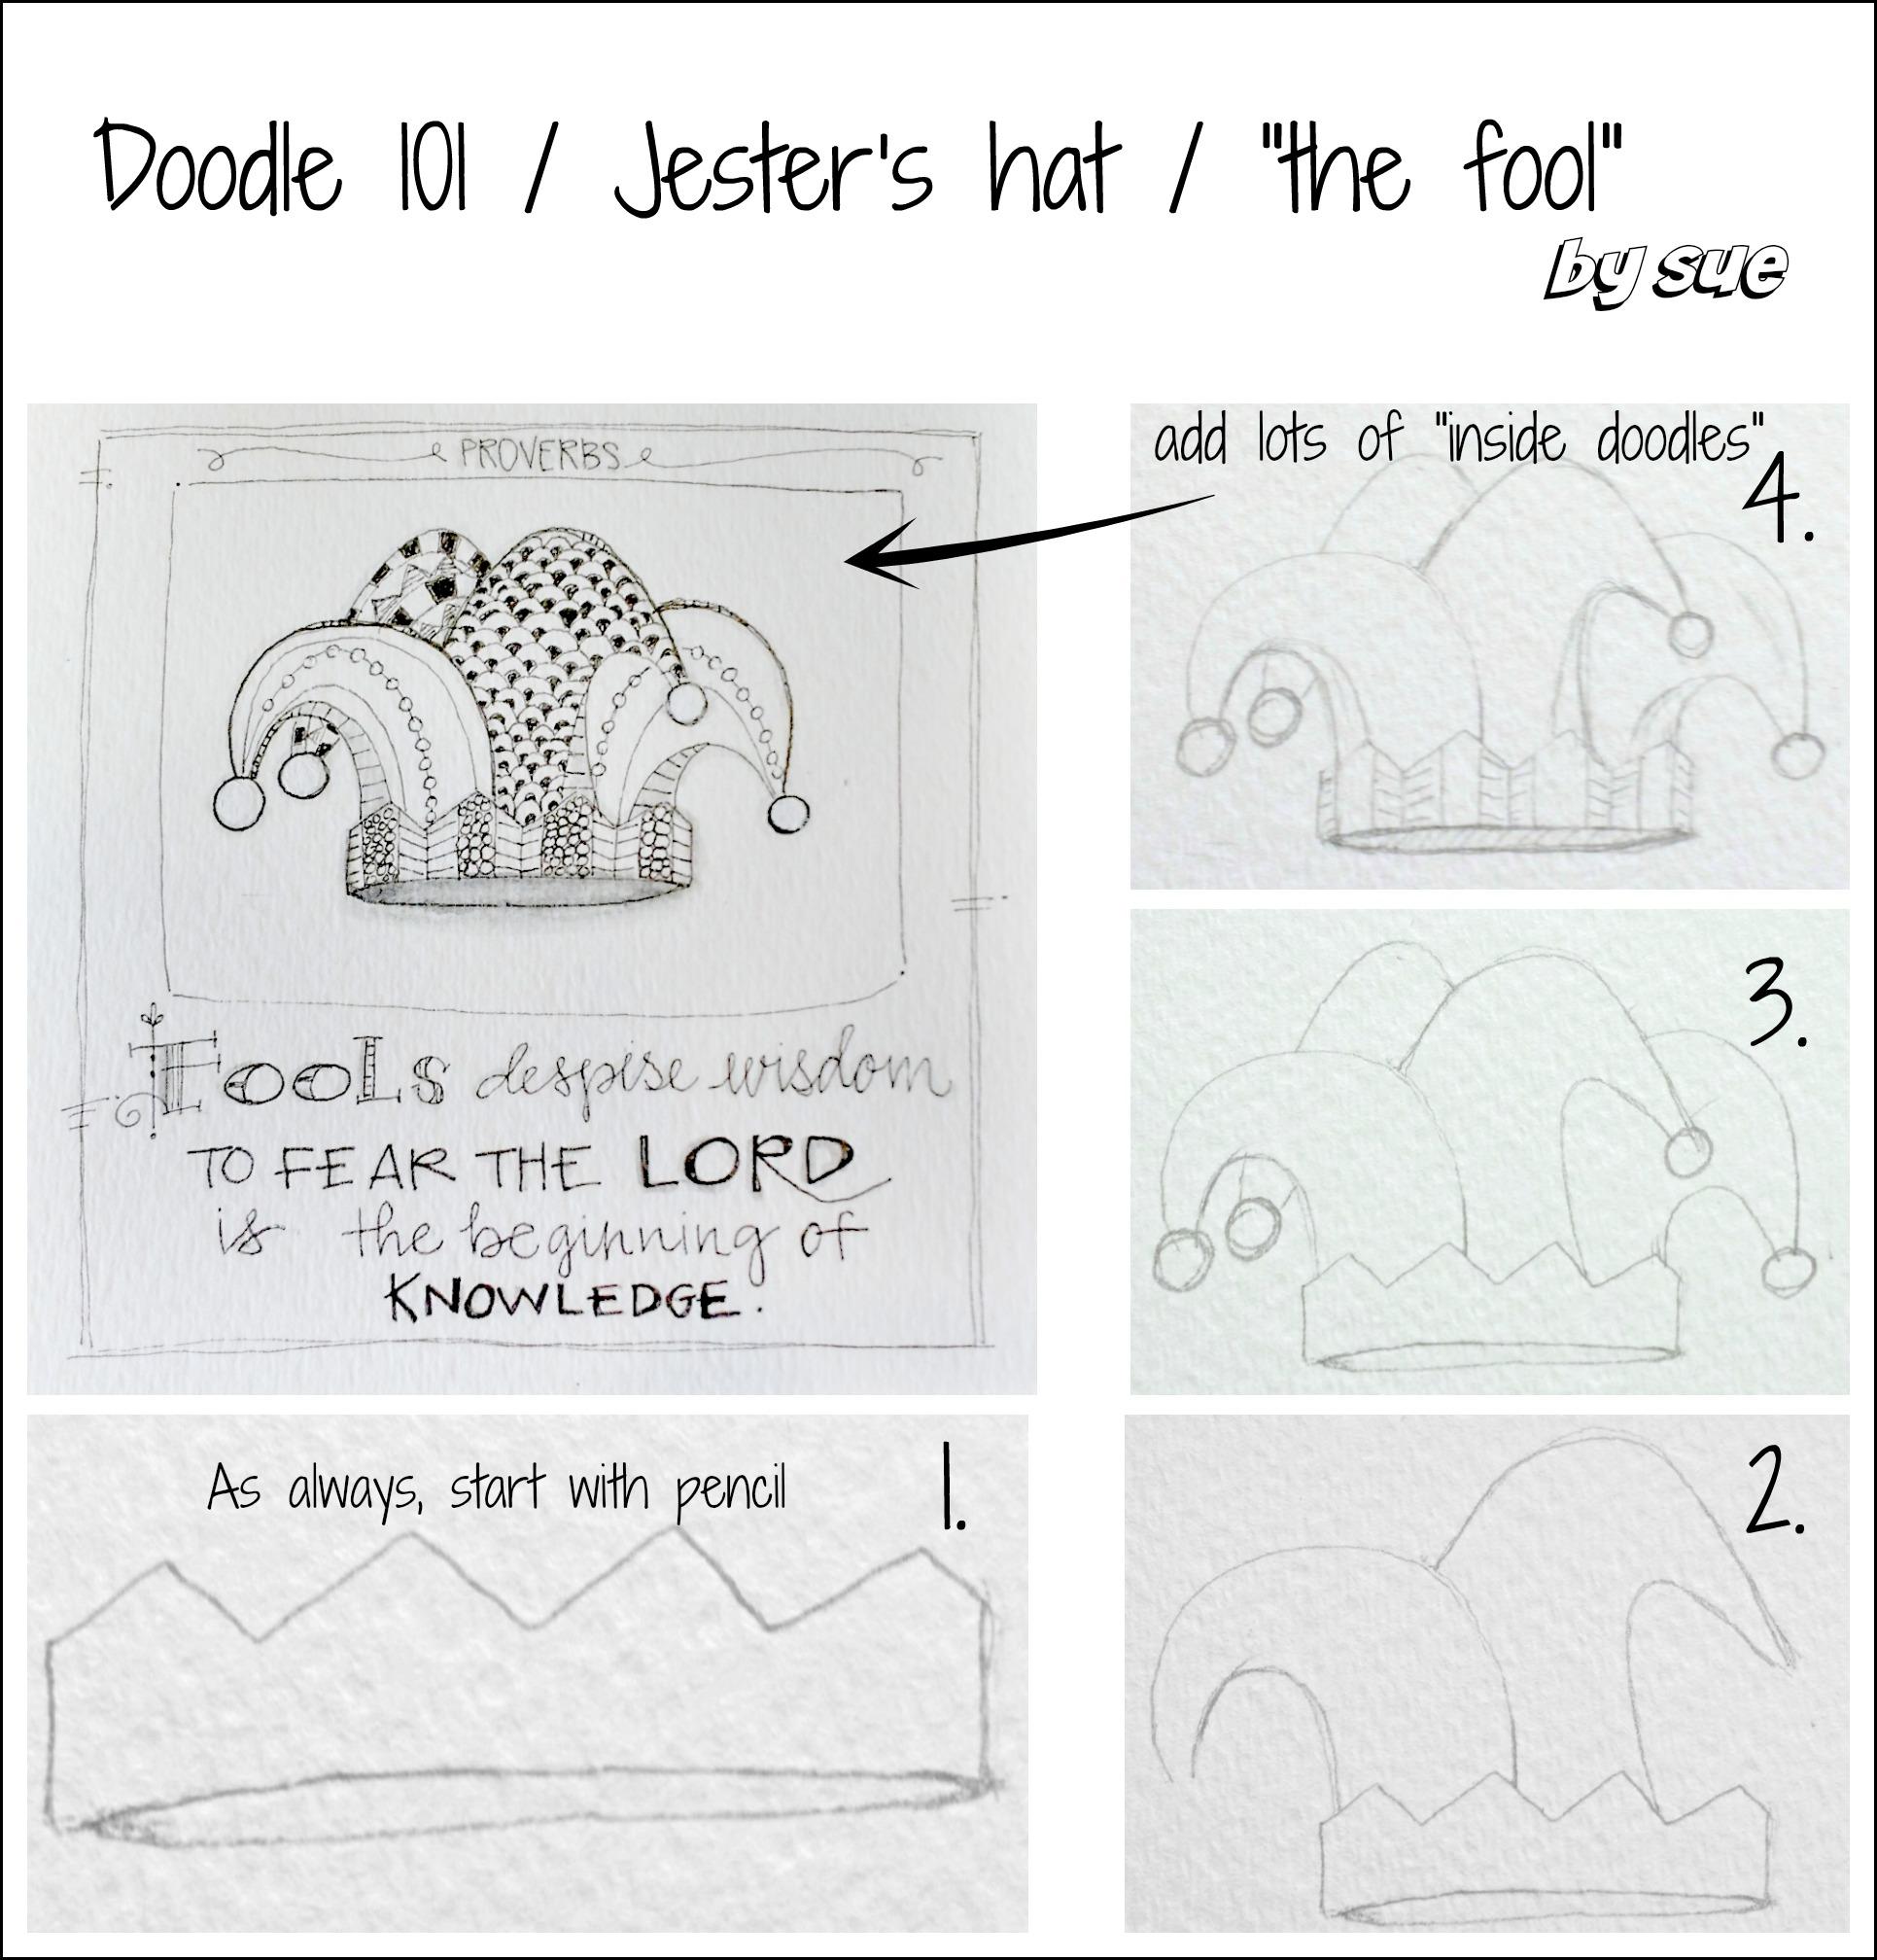 BAJ:Doodle101:Proverb:Fools:PM:Sue Carroll